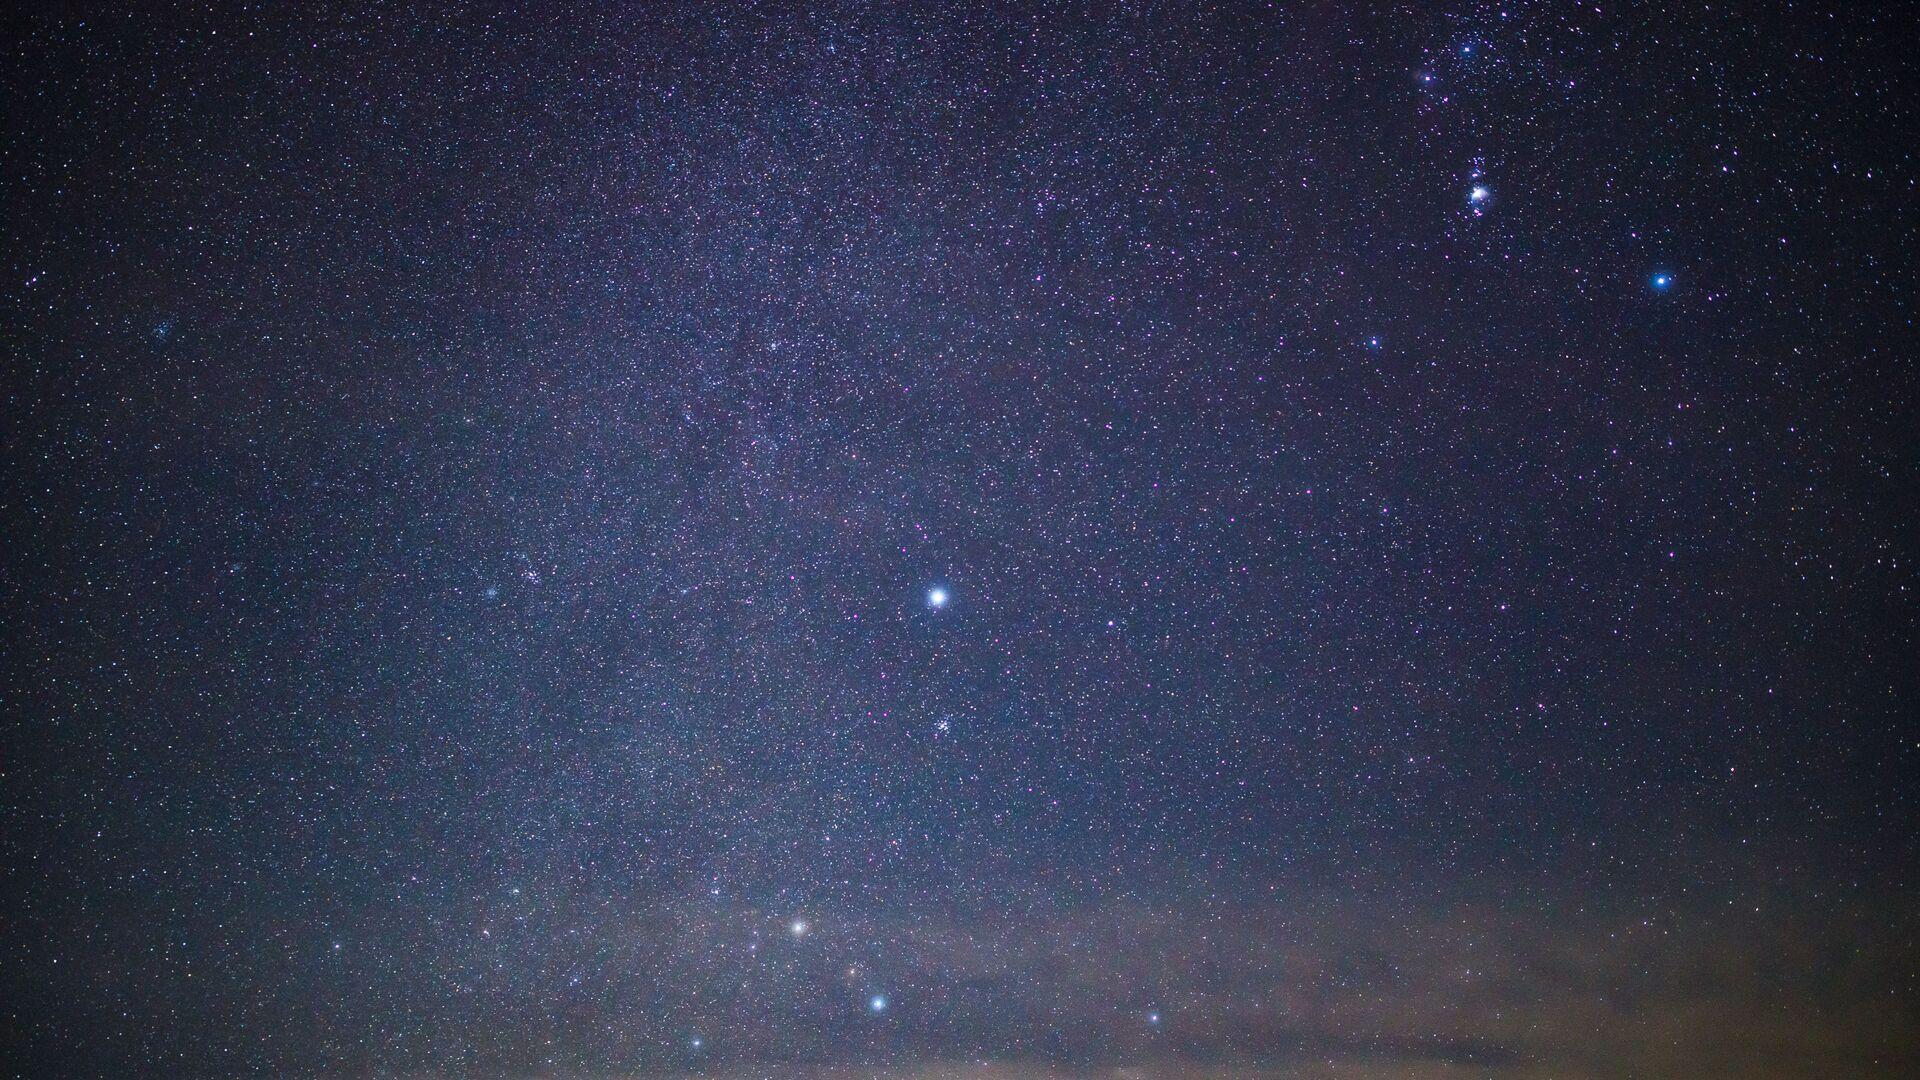 Звездное небо в Кавказском государственном природном биосферном заповеднике в Адыгее - Sputnik Грузия, 1920, 28.06.2021